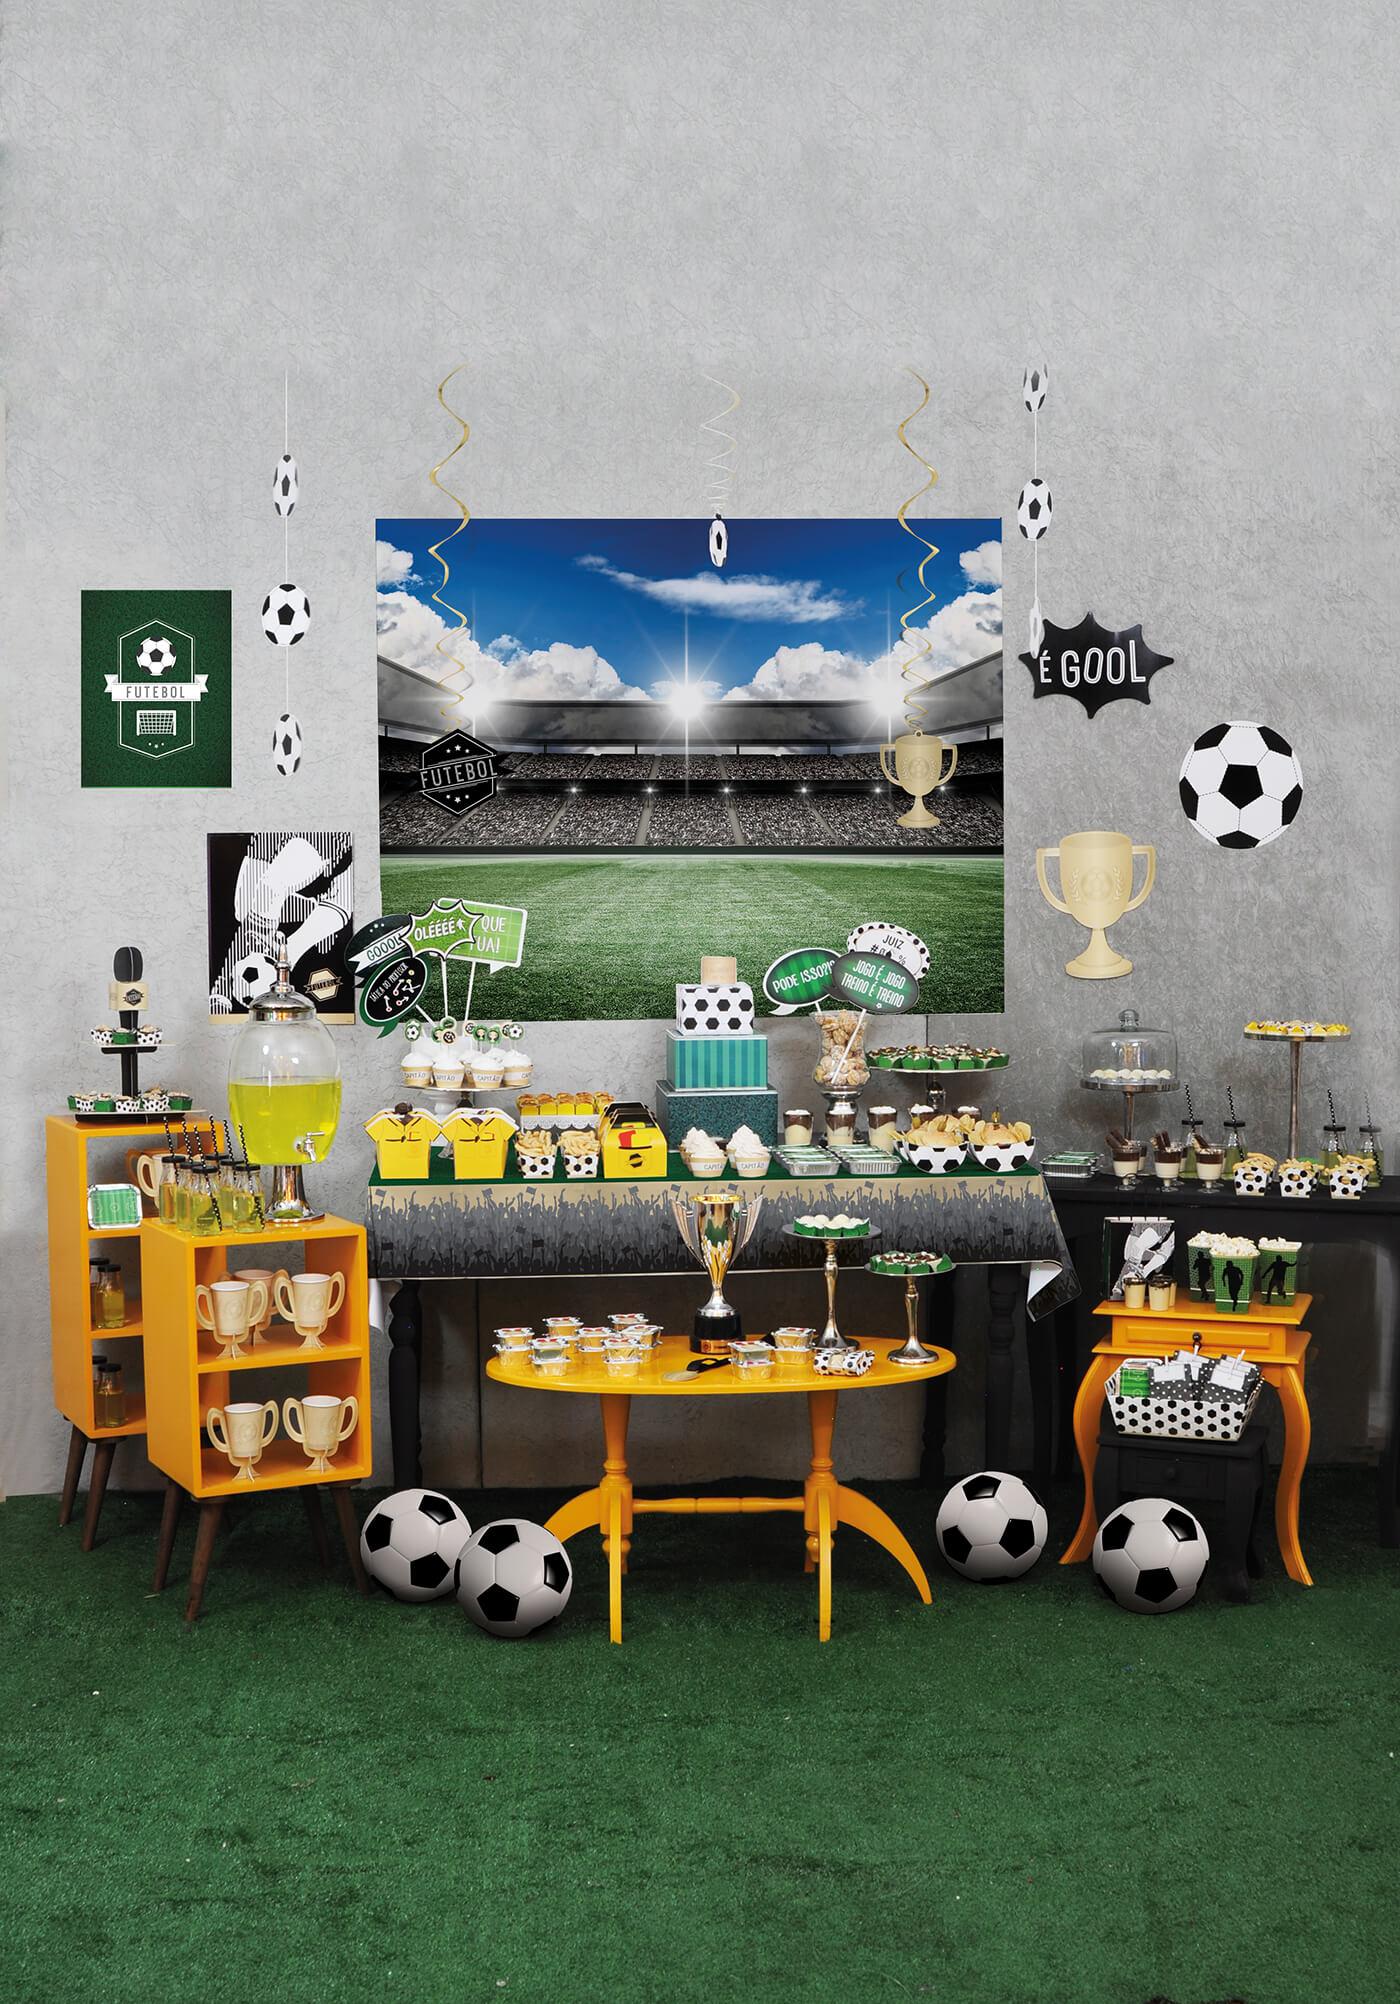 Imagen de producto: https://tienda.postreadiccion.com/img/articulos/secundarias12992-8-vasos-de-futbol-1.jpg